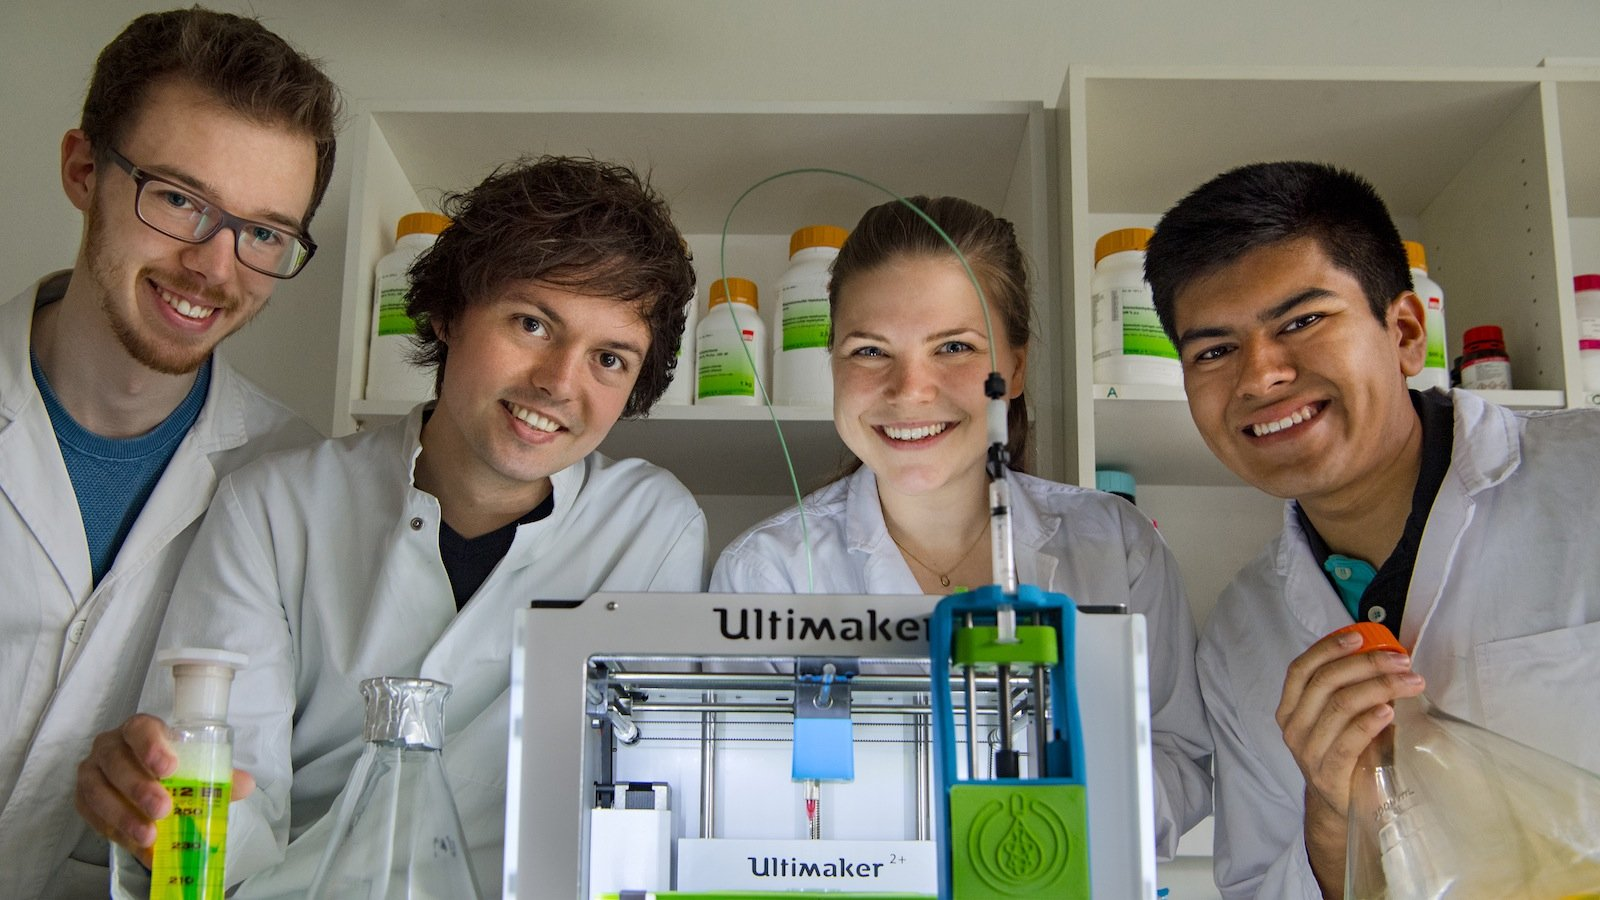 Julian Hofmann (v.l.n.r.), Christoph Gruber, Luisa Krumwiede und Javier Luna Mazari mit dem biotINK Gewebedrucker.